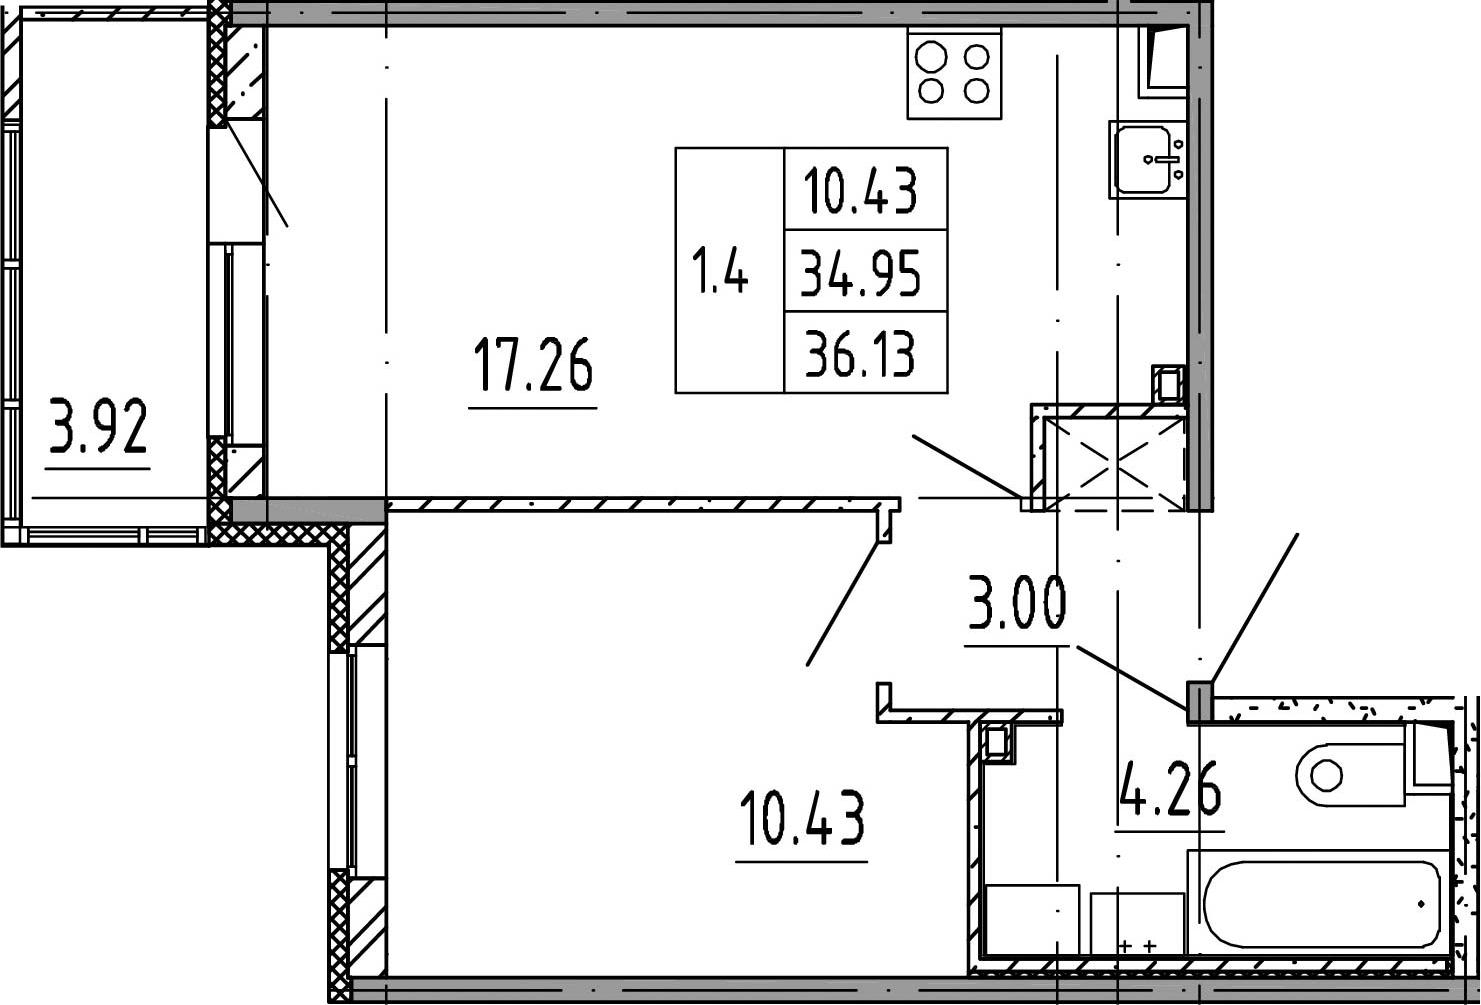 2Е-к.кв, 34.95 м², 3 этаж